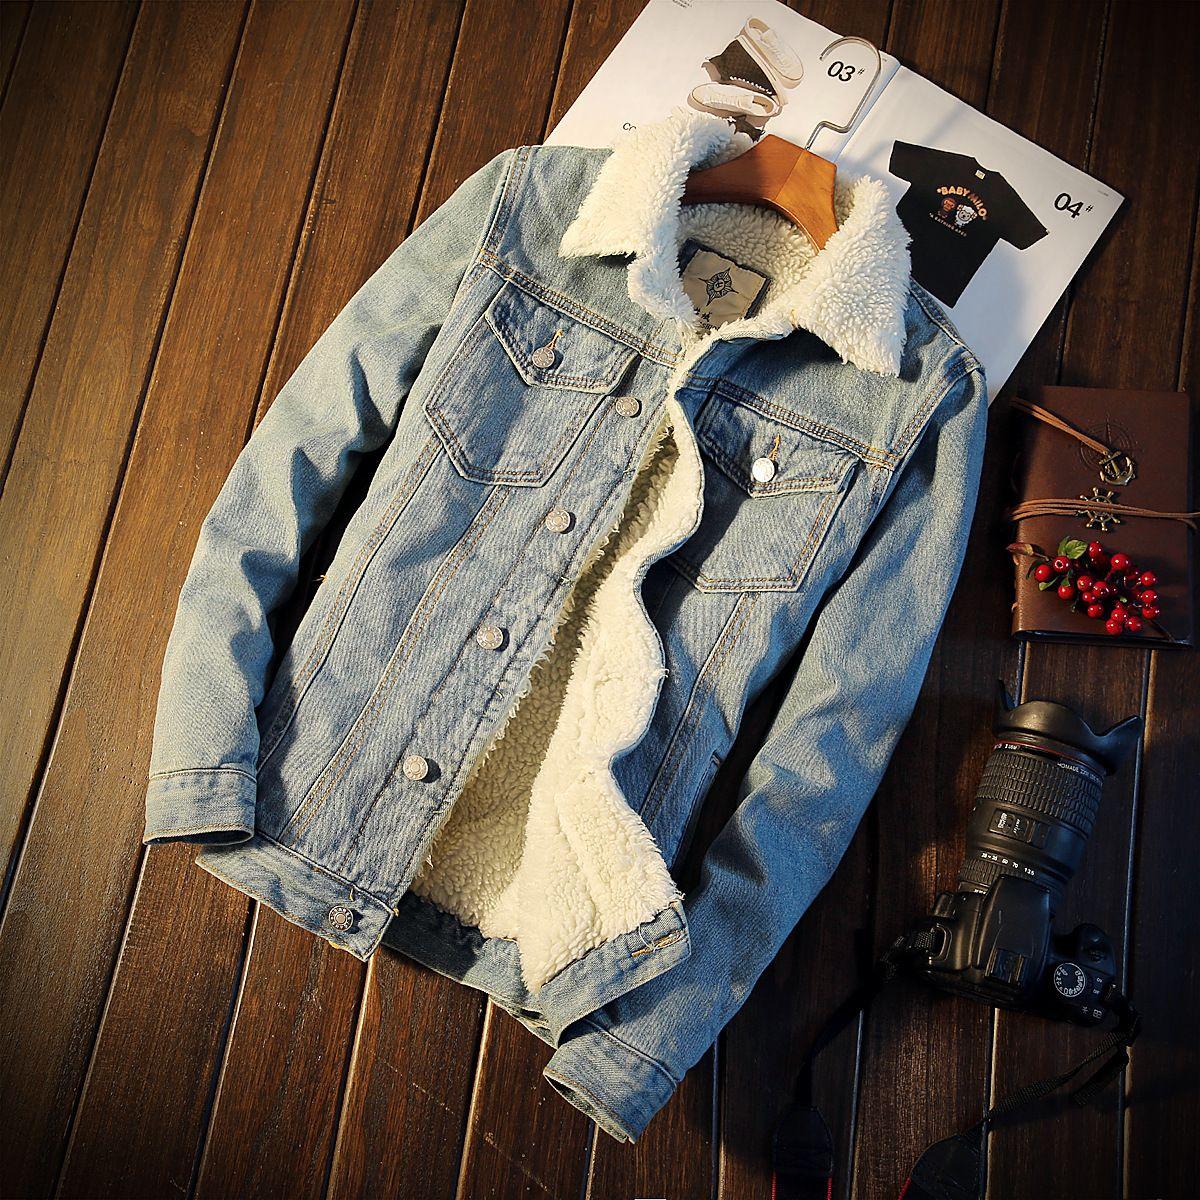 Harley Erkek Denim Ceket Perçinler Jean Ceket Punk Rock Yıkanmış Motosiklet Ceket Slim Fit Mavi Tasarımcı Giysi kış İlkbahar Sonbahar